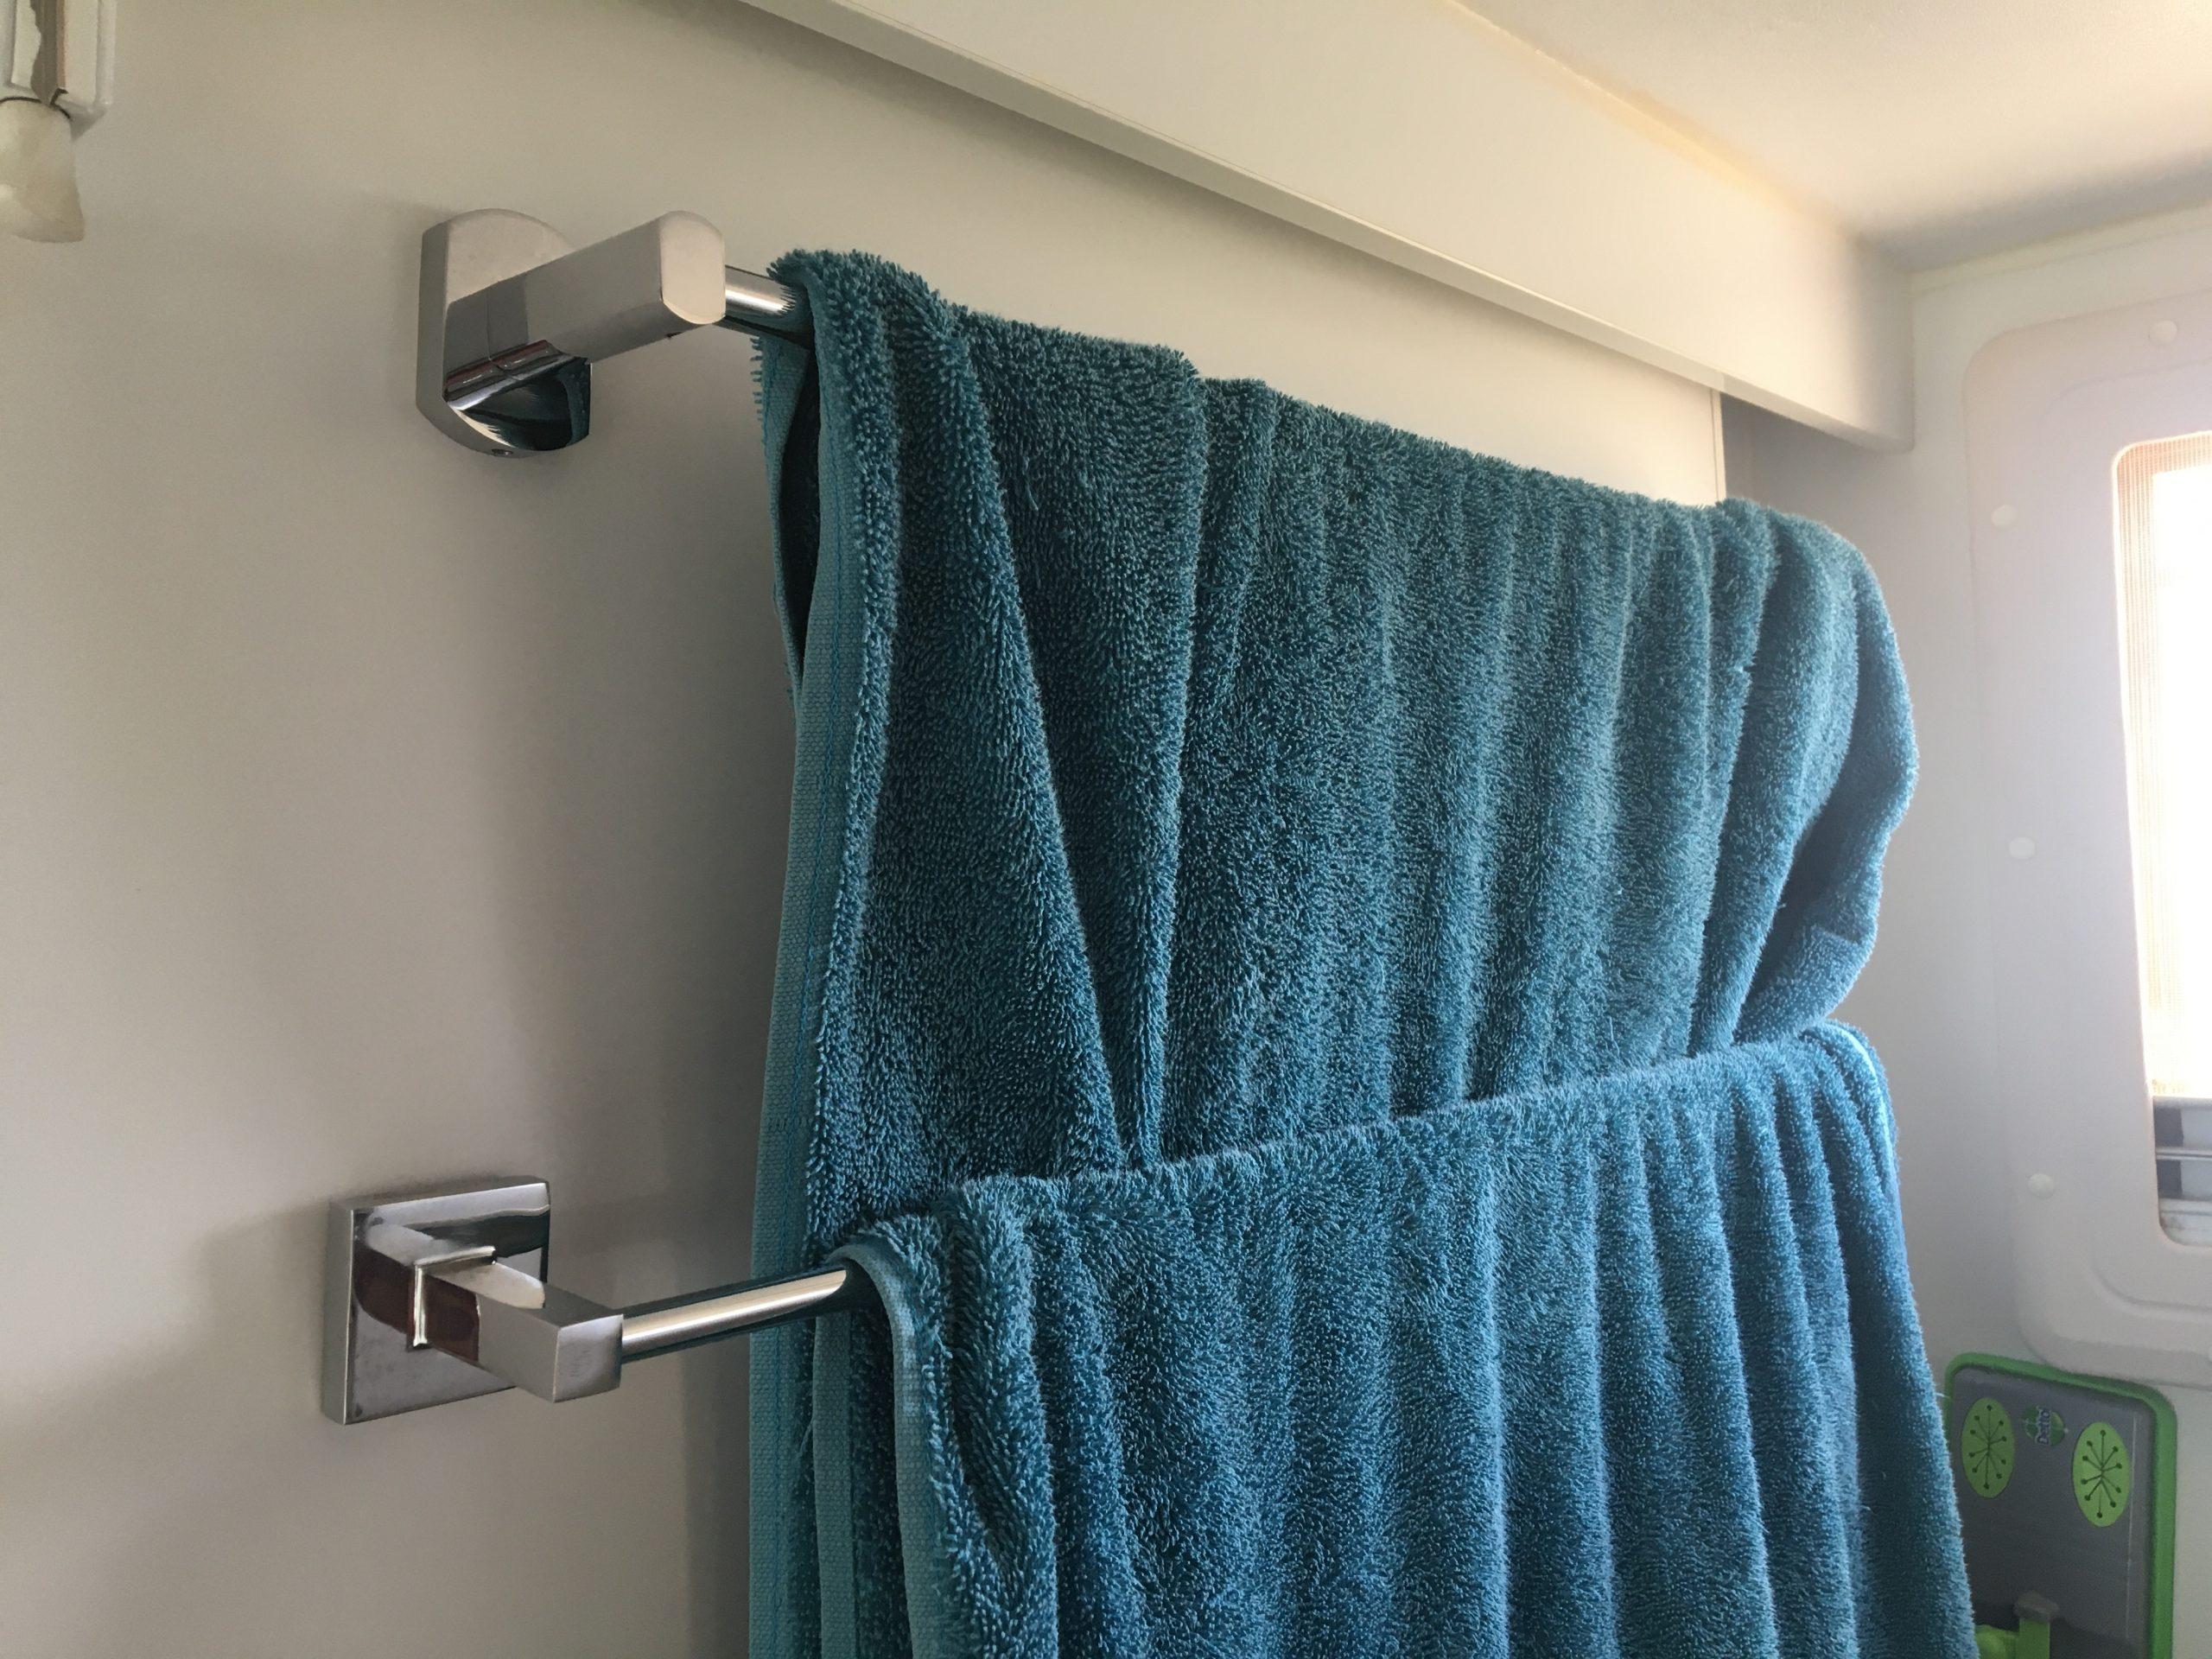 Ensuite towel rack